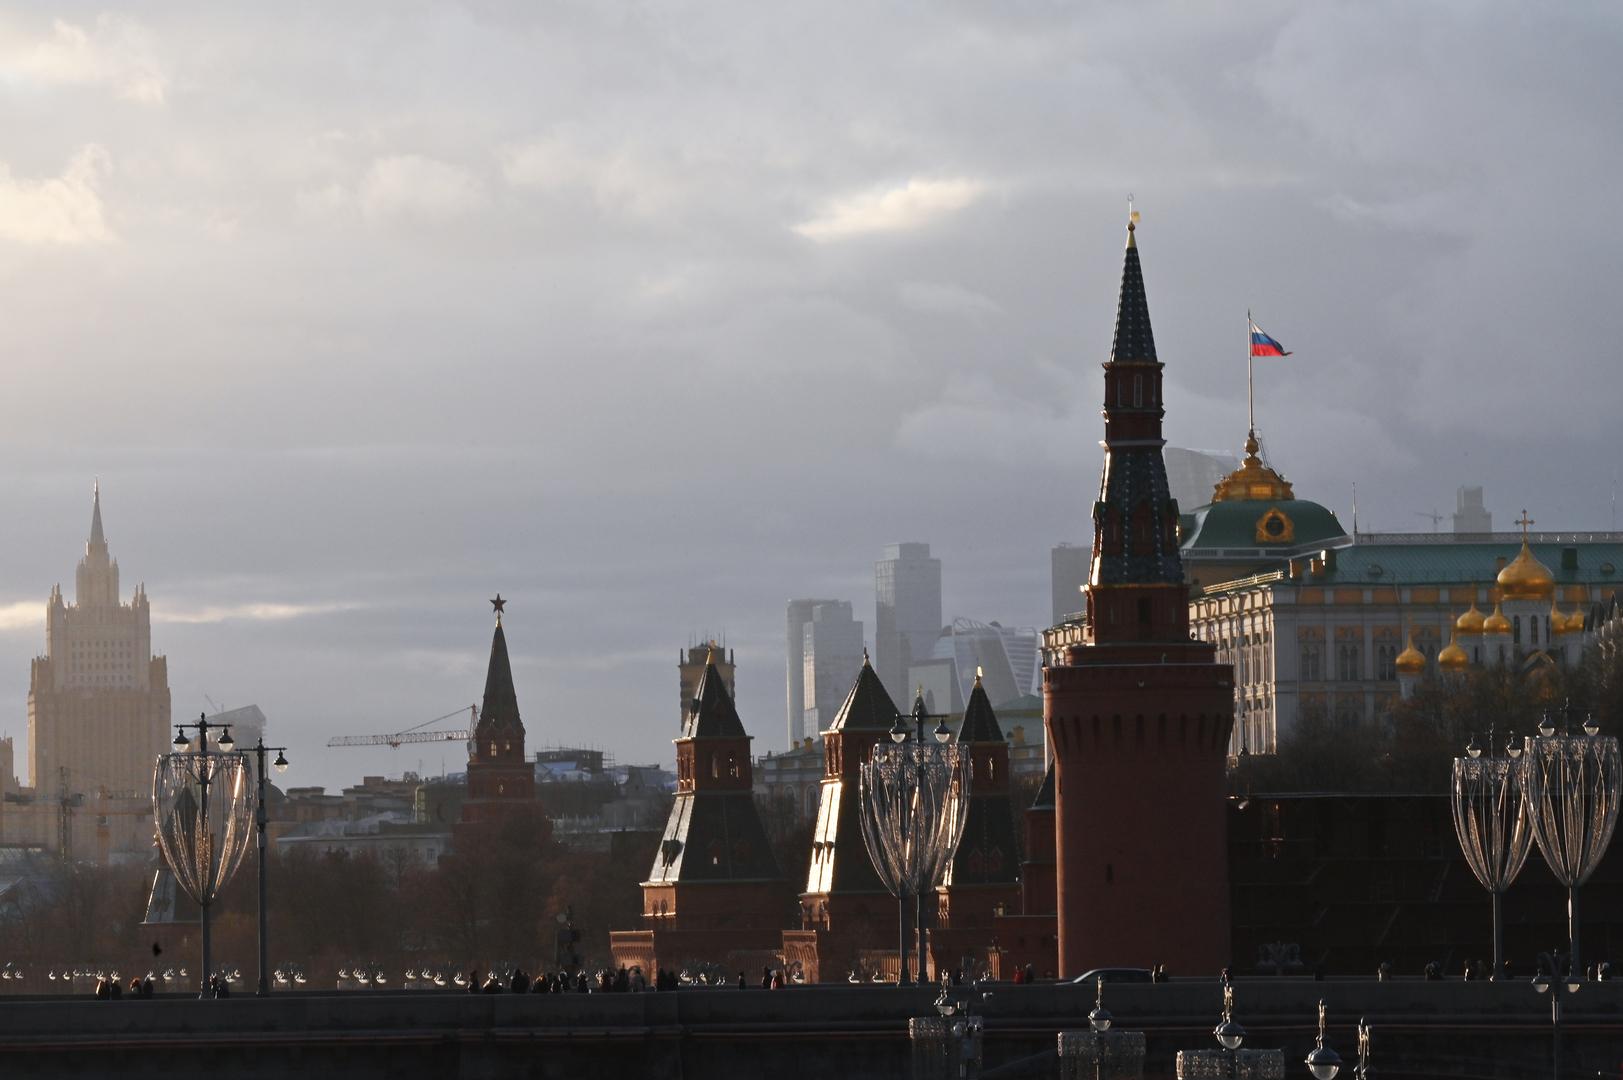 الكرملين: رفض الاتحاد الأوروبي مبادرة عقد قمة مع روسيا مؤسف وبوتين مهتم بتطوير الحوار